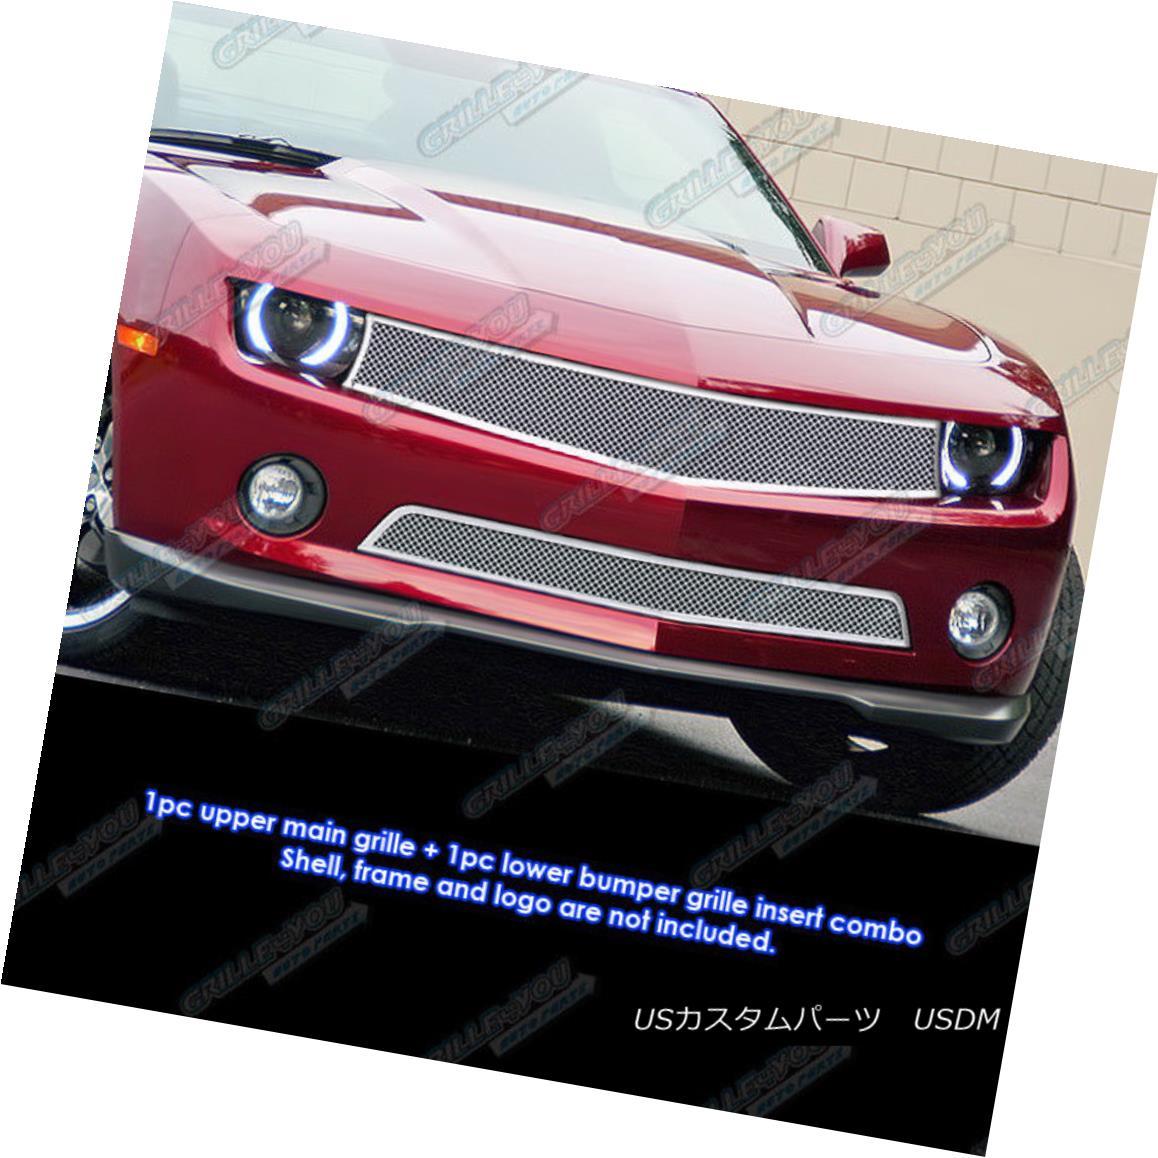 グリル 2010-2013 Chevy Camaro LT/LS V6 Stainless Steel Mesh Grille Grill Combo Insert 2010-2013シボレーカマロLT / LS V6ステンレスメッシュグリルグリルコンボインサート